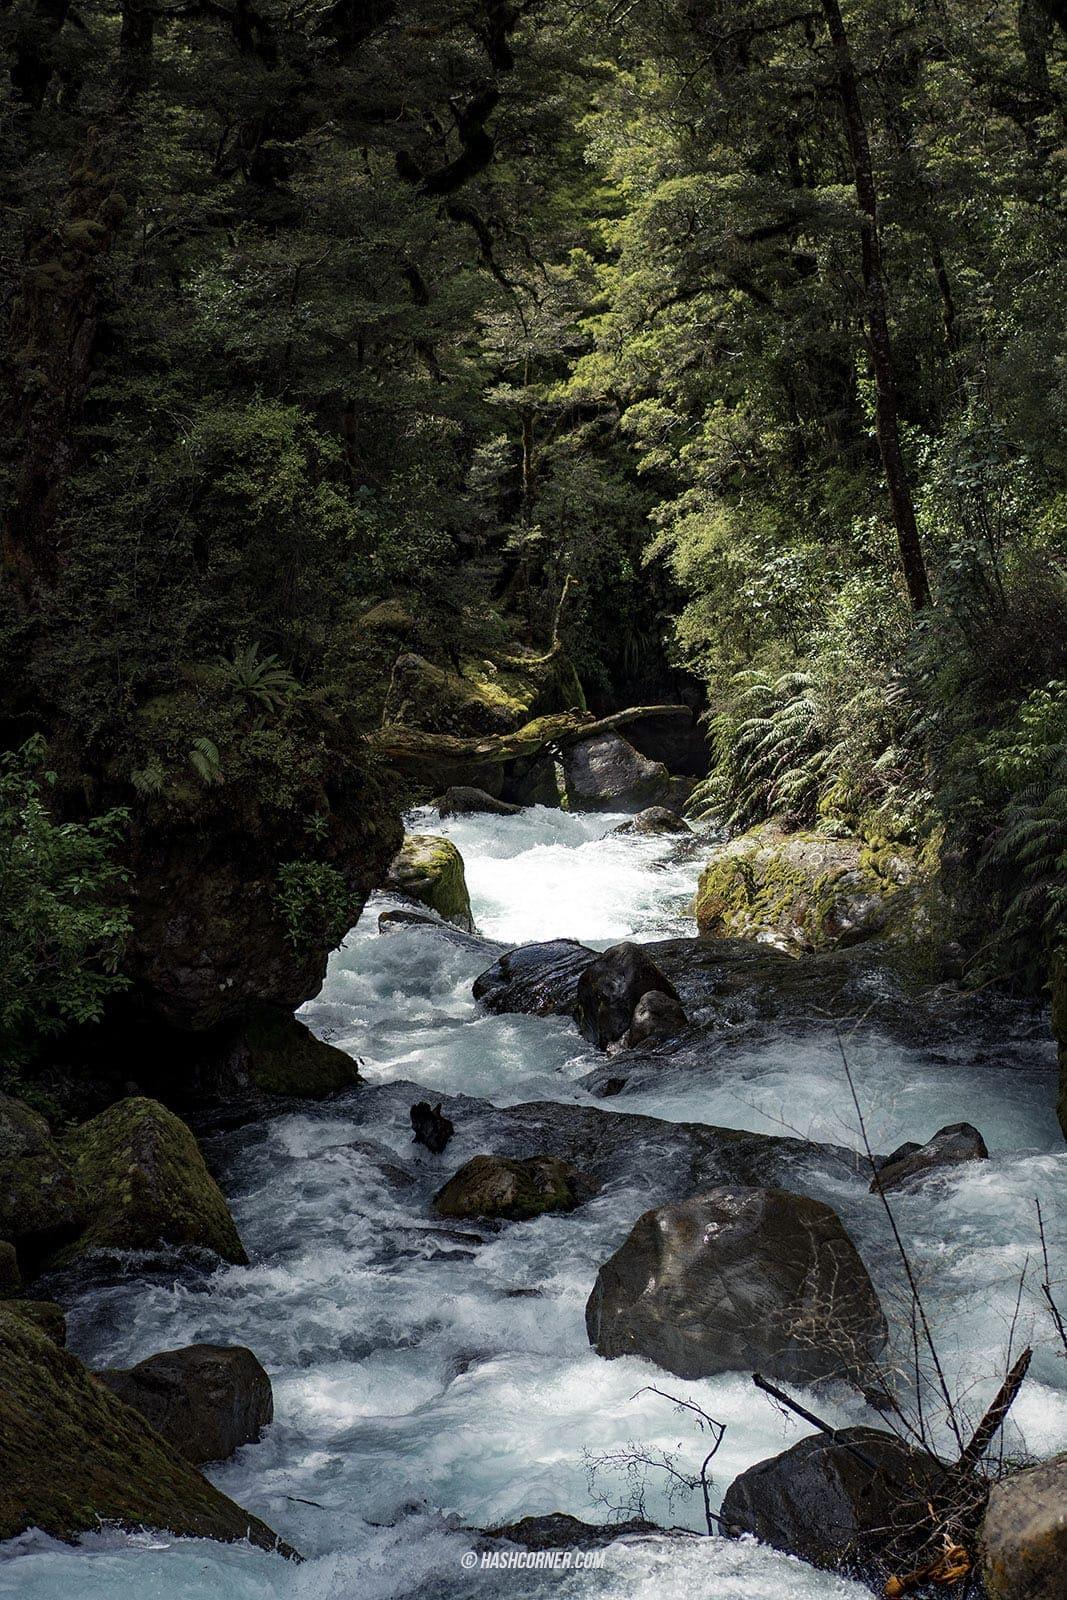 รีวิว ฟยอร์ดแลนด์-มิลฟอร์ดซาวด์ (Fiordland-Milford Sound) x นิวซีแลนด์ เกาะใต้